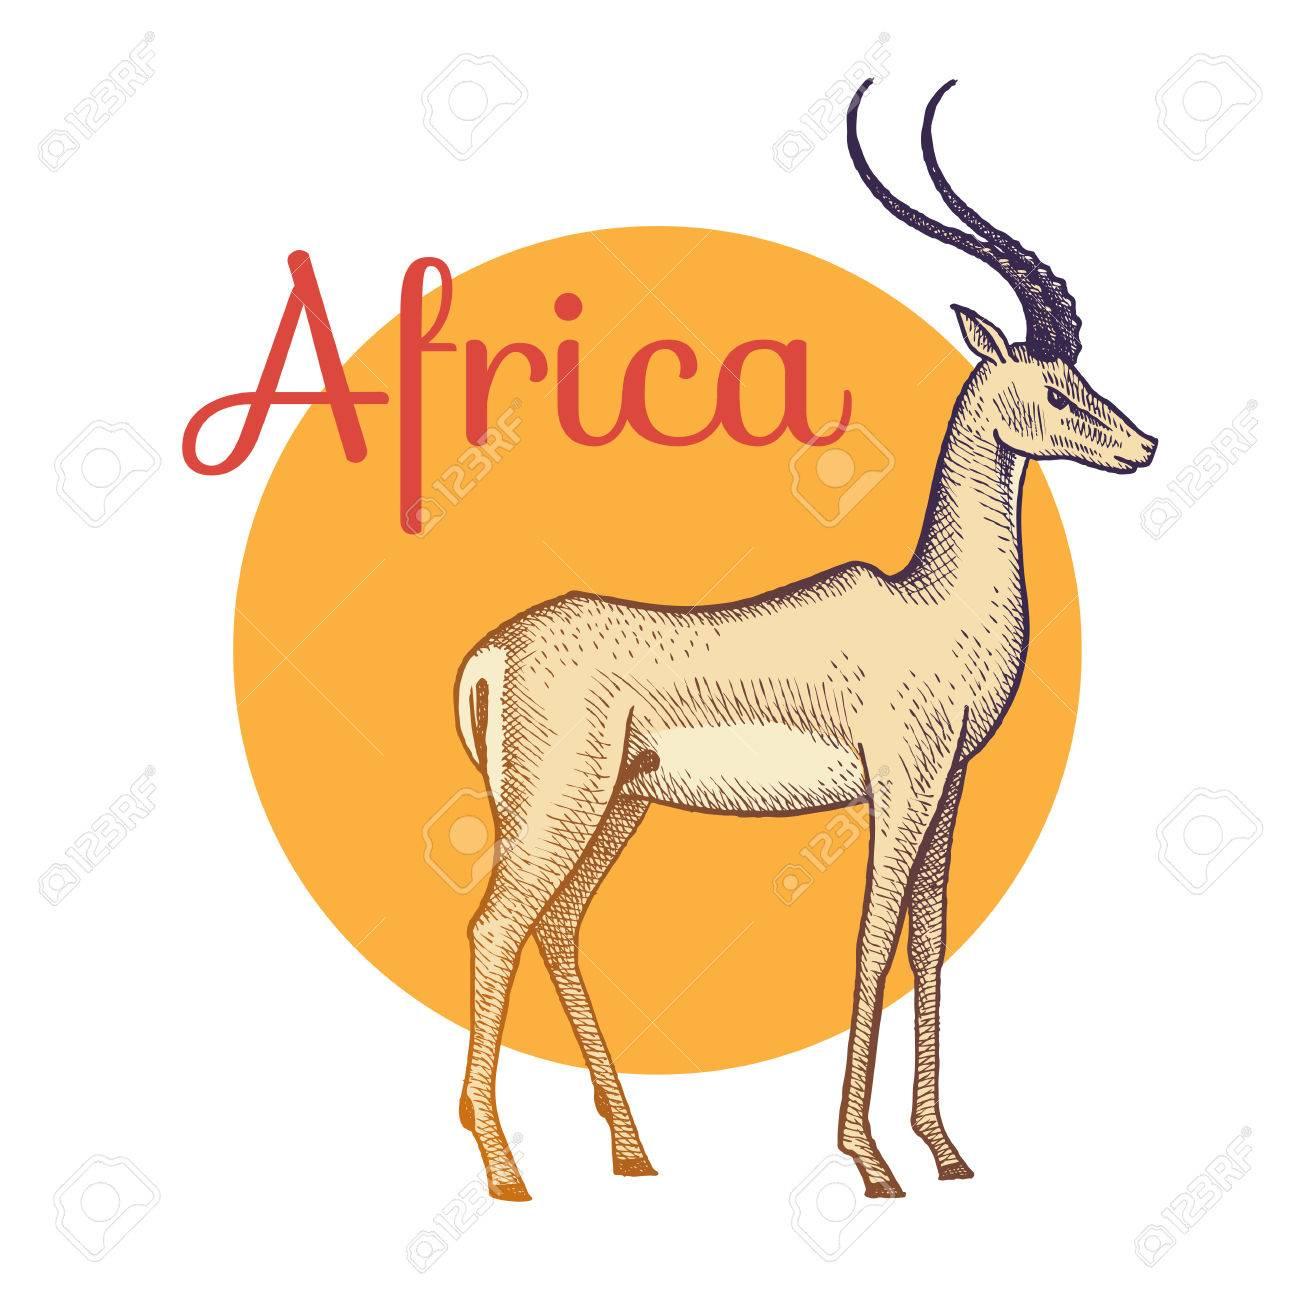 アフリカの動物カモシカイラスト ベクトル アートビンテージ彫刻を